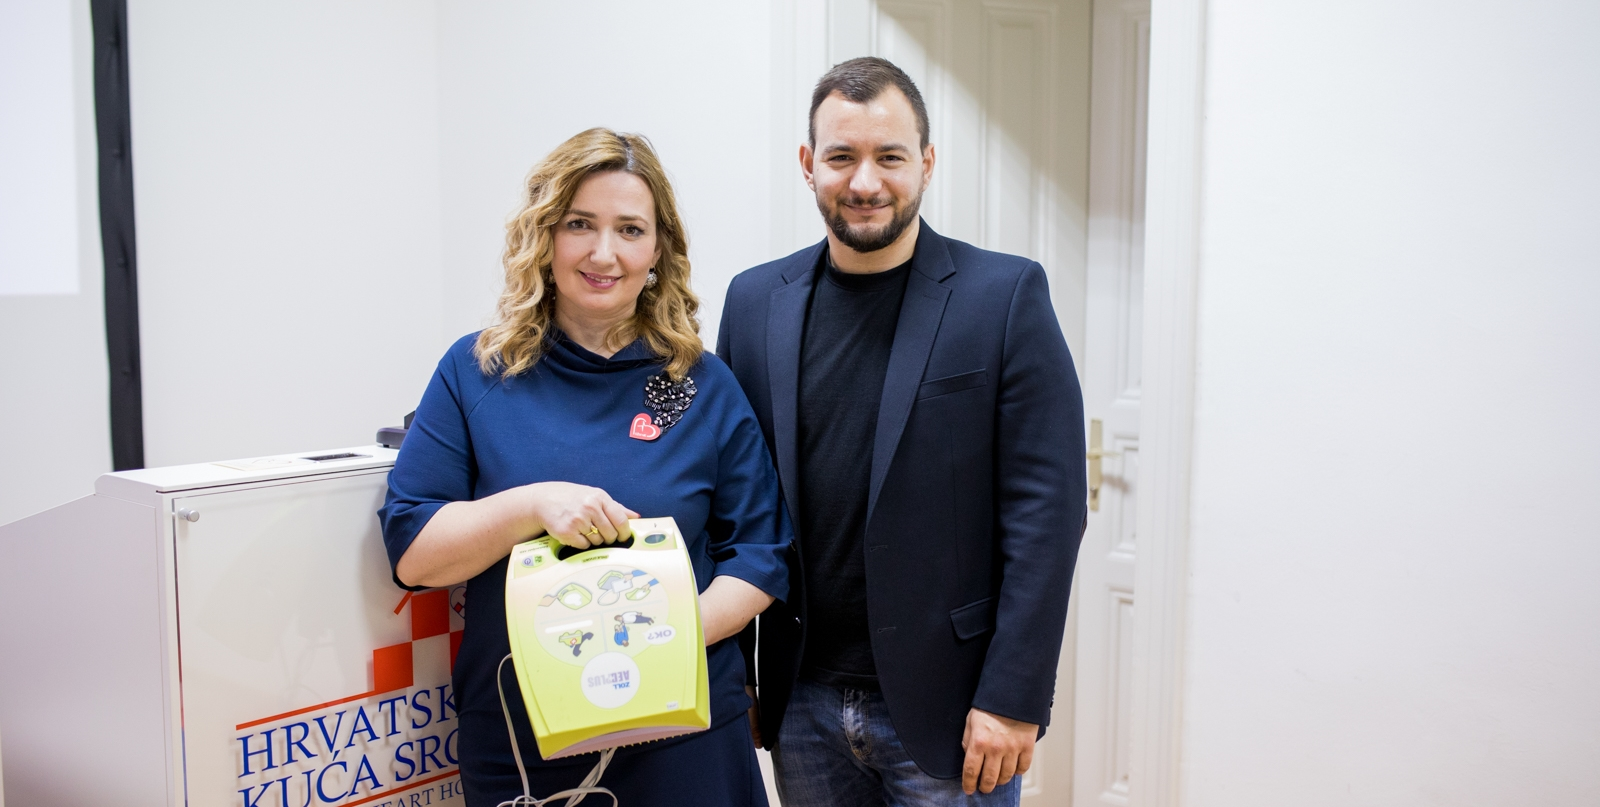 FOTO: Djelatnici Zagrebparkinga odradili edukaciju o kardiopulmonalnom oživljavanju